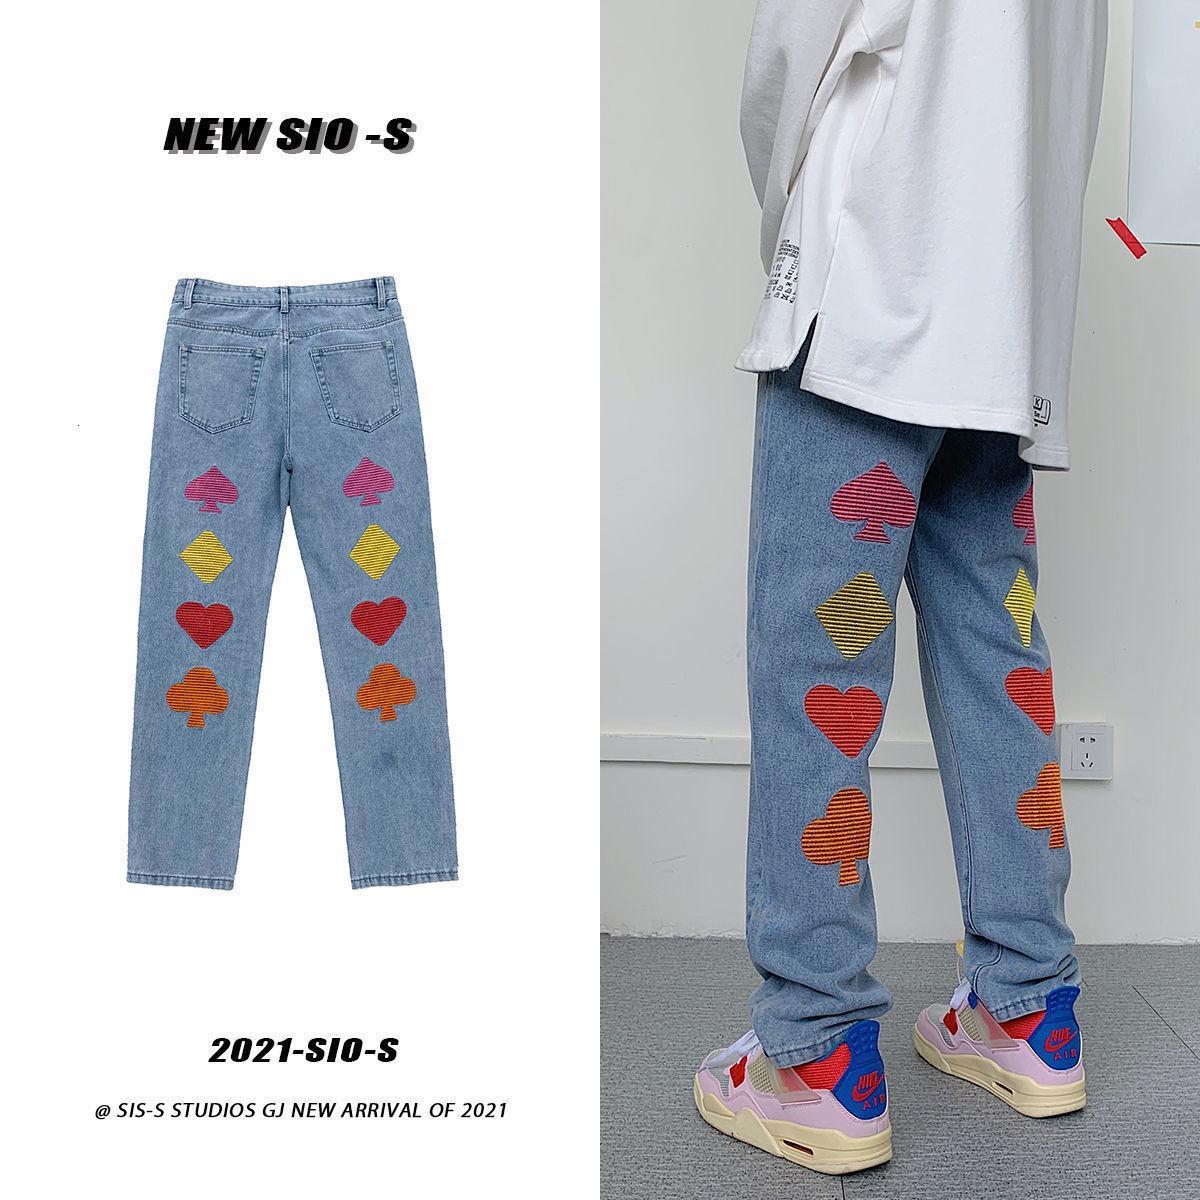 PR Hombre Gráfico Impreso Bordado Jeans Mujer Streetwear Coreano Pantalones de mezclilla rectos Masculino Casual de gran tamaño